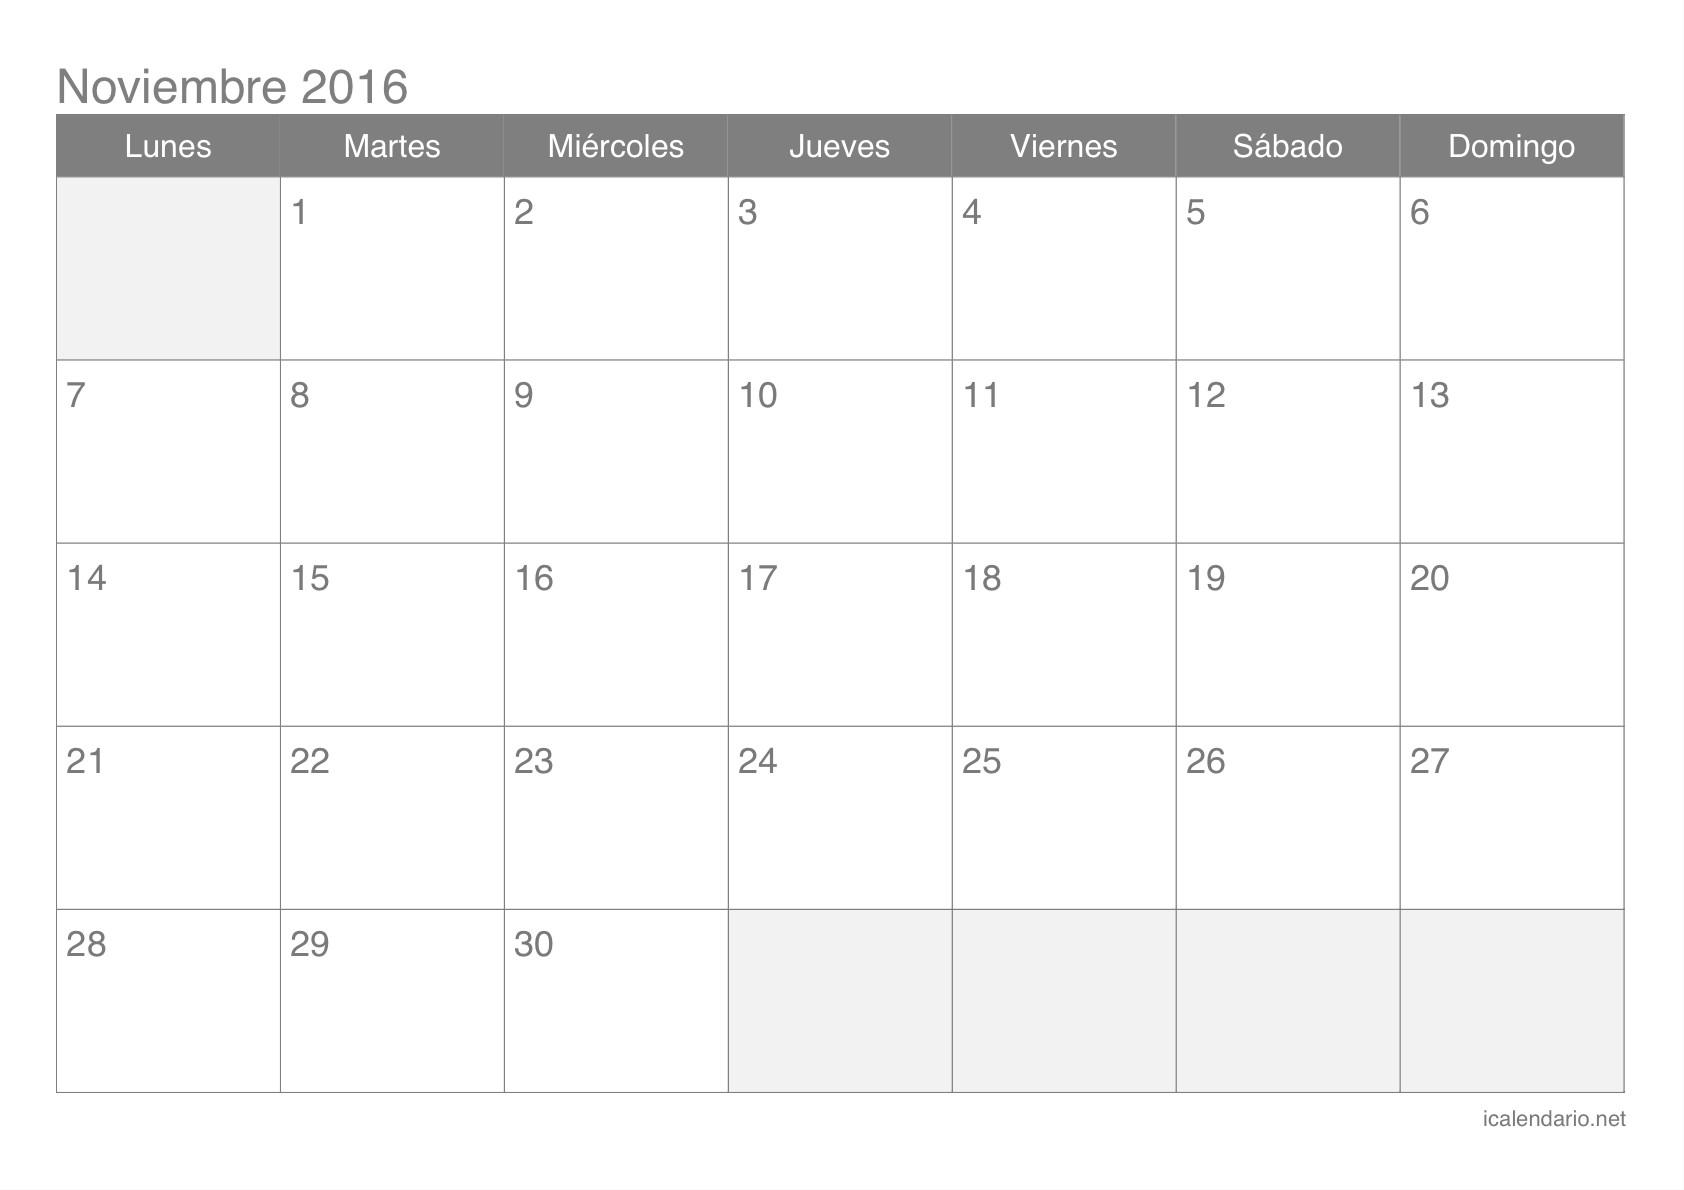 Calendario Março E Abril 2019 Para Imprimir Más Populares Calendario 2016 Excel Calendario Mensual 2015 Excel Calendario Of Calendario Março E Abril 2019 Para Imprimir Actual Eur Lex R2454 En Eur Lex